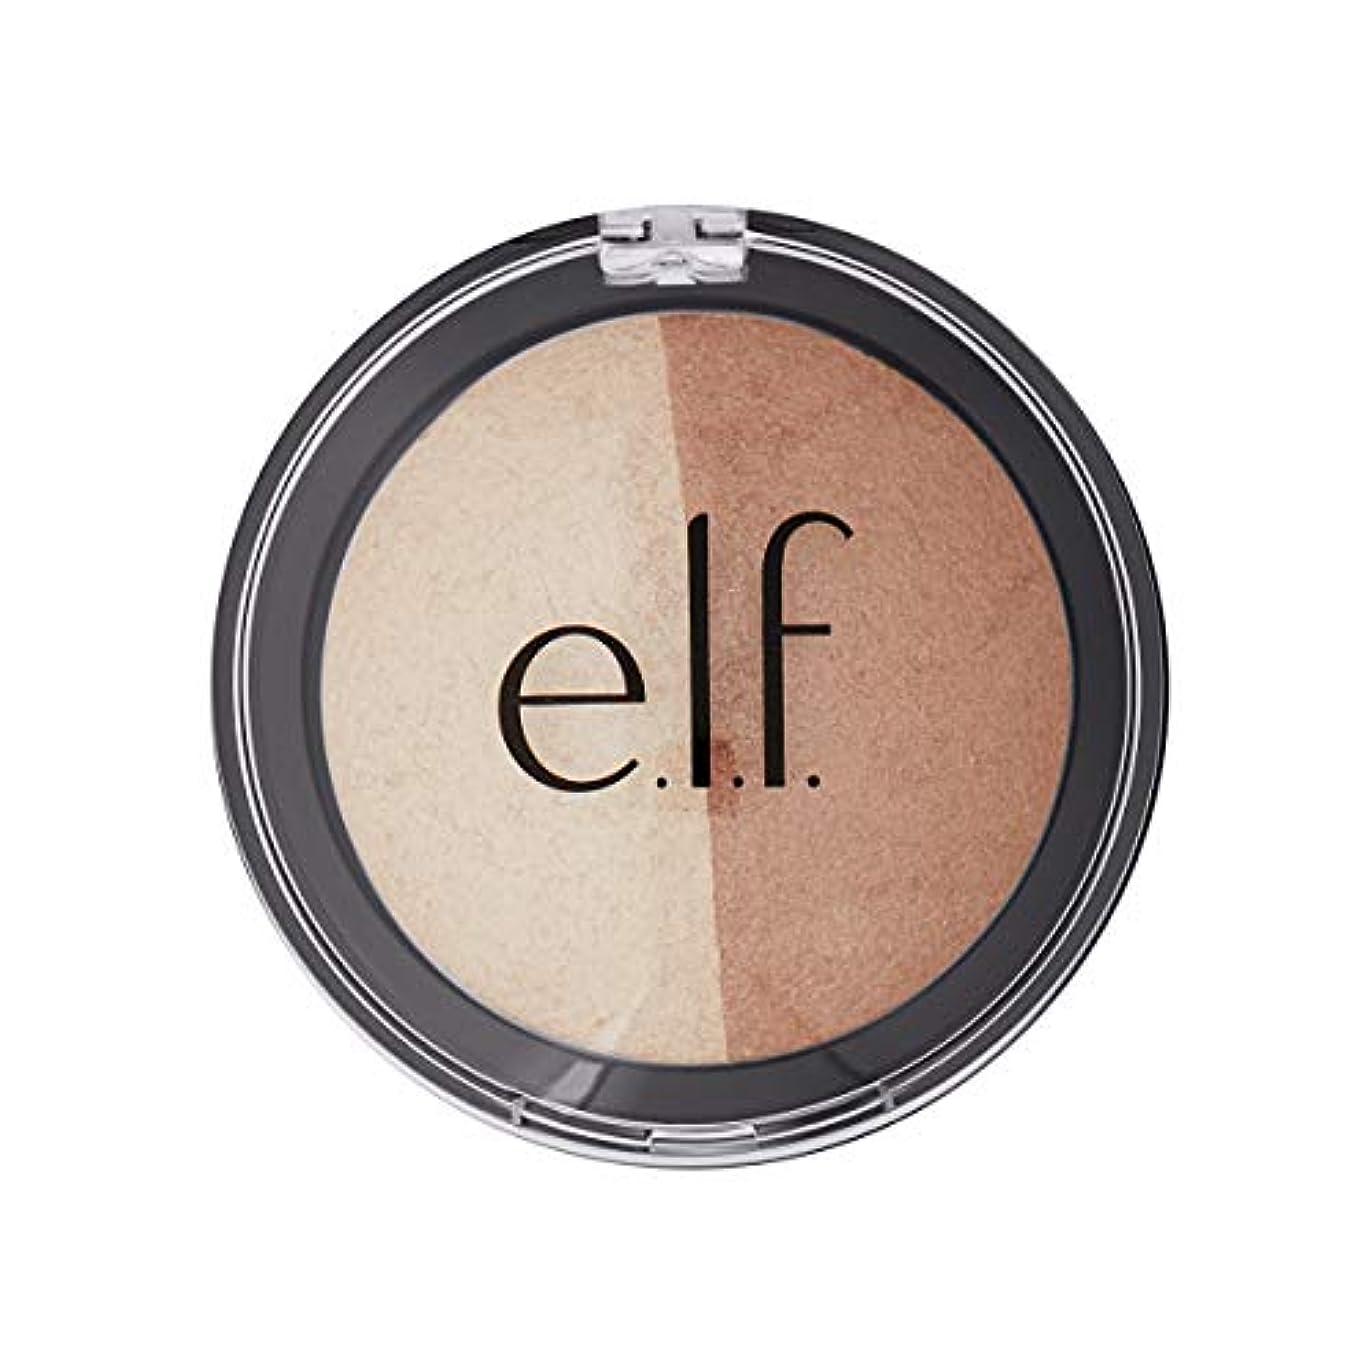 ディーラー率直な王朝E.L.F. Cosmetics, Baked Highlighter & Bronzer, Bronzed Glow, 0.183 oz (5.2 g)